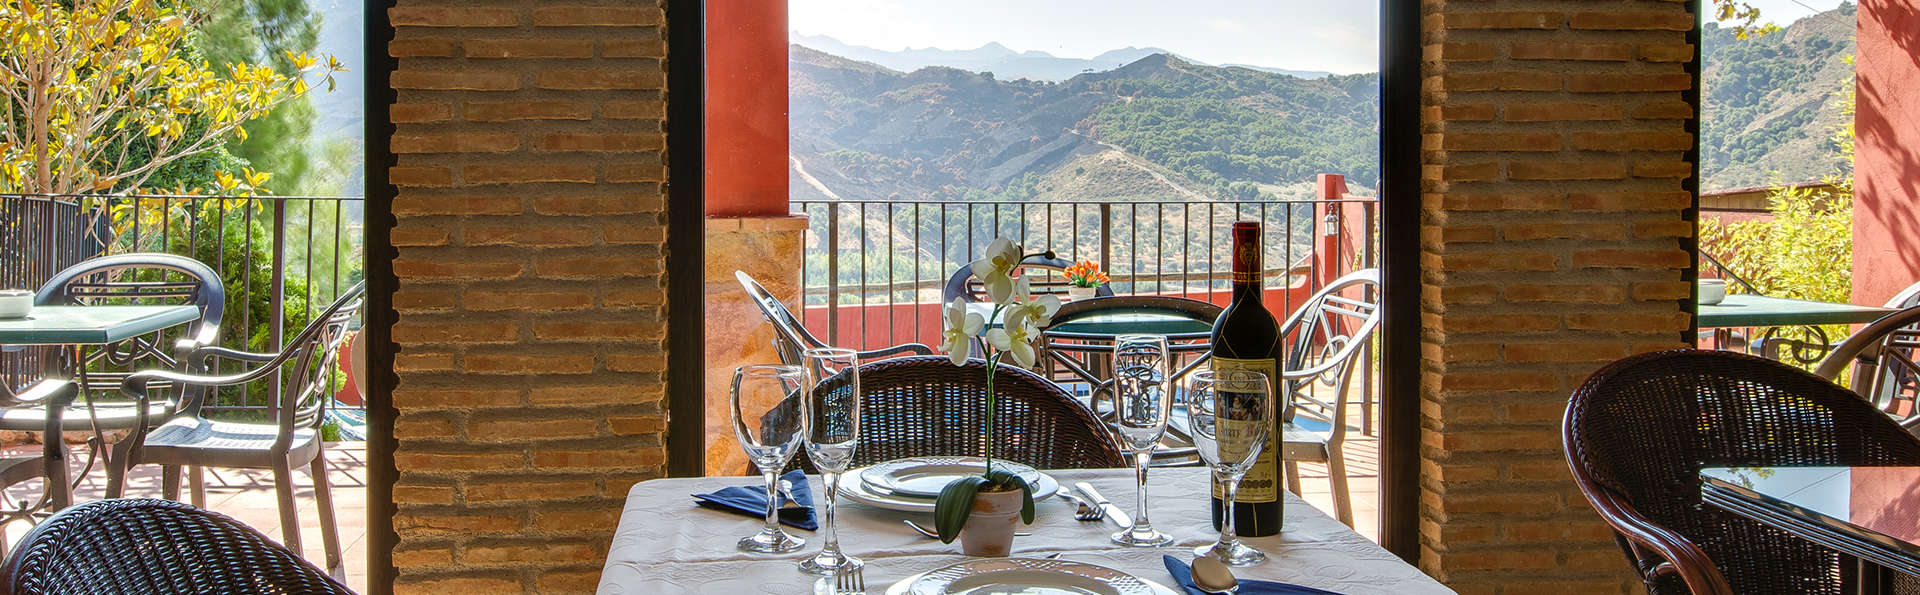 Escapade romantique : dîner avec vue incroyable sur la Sierra Nevada.